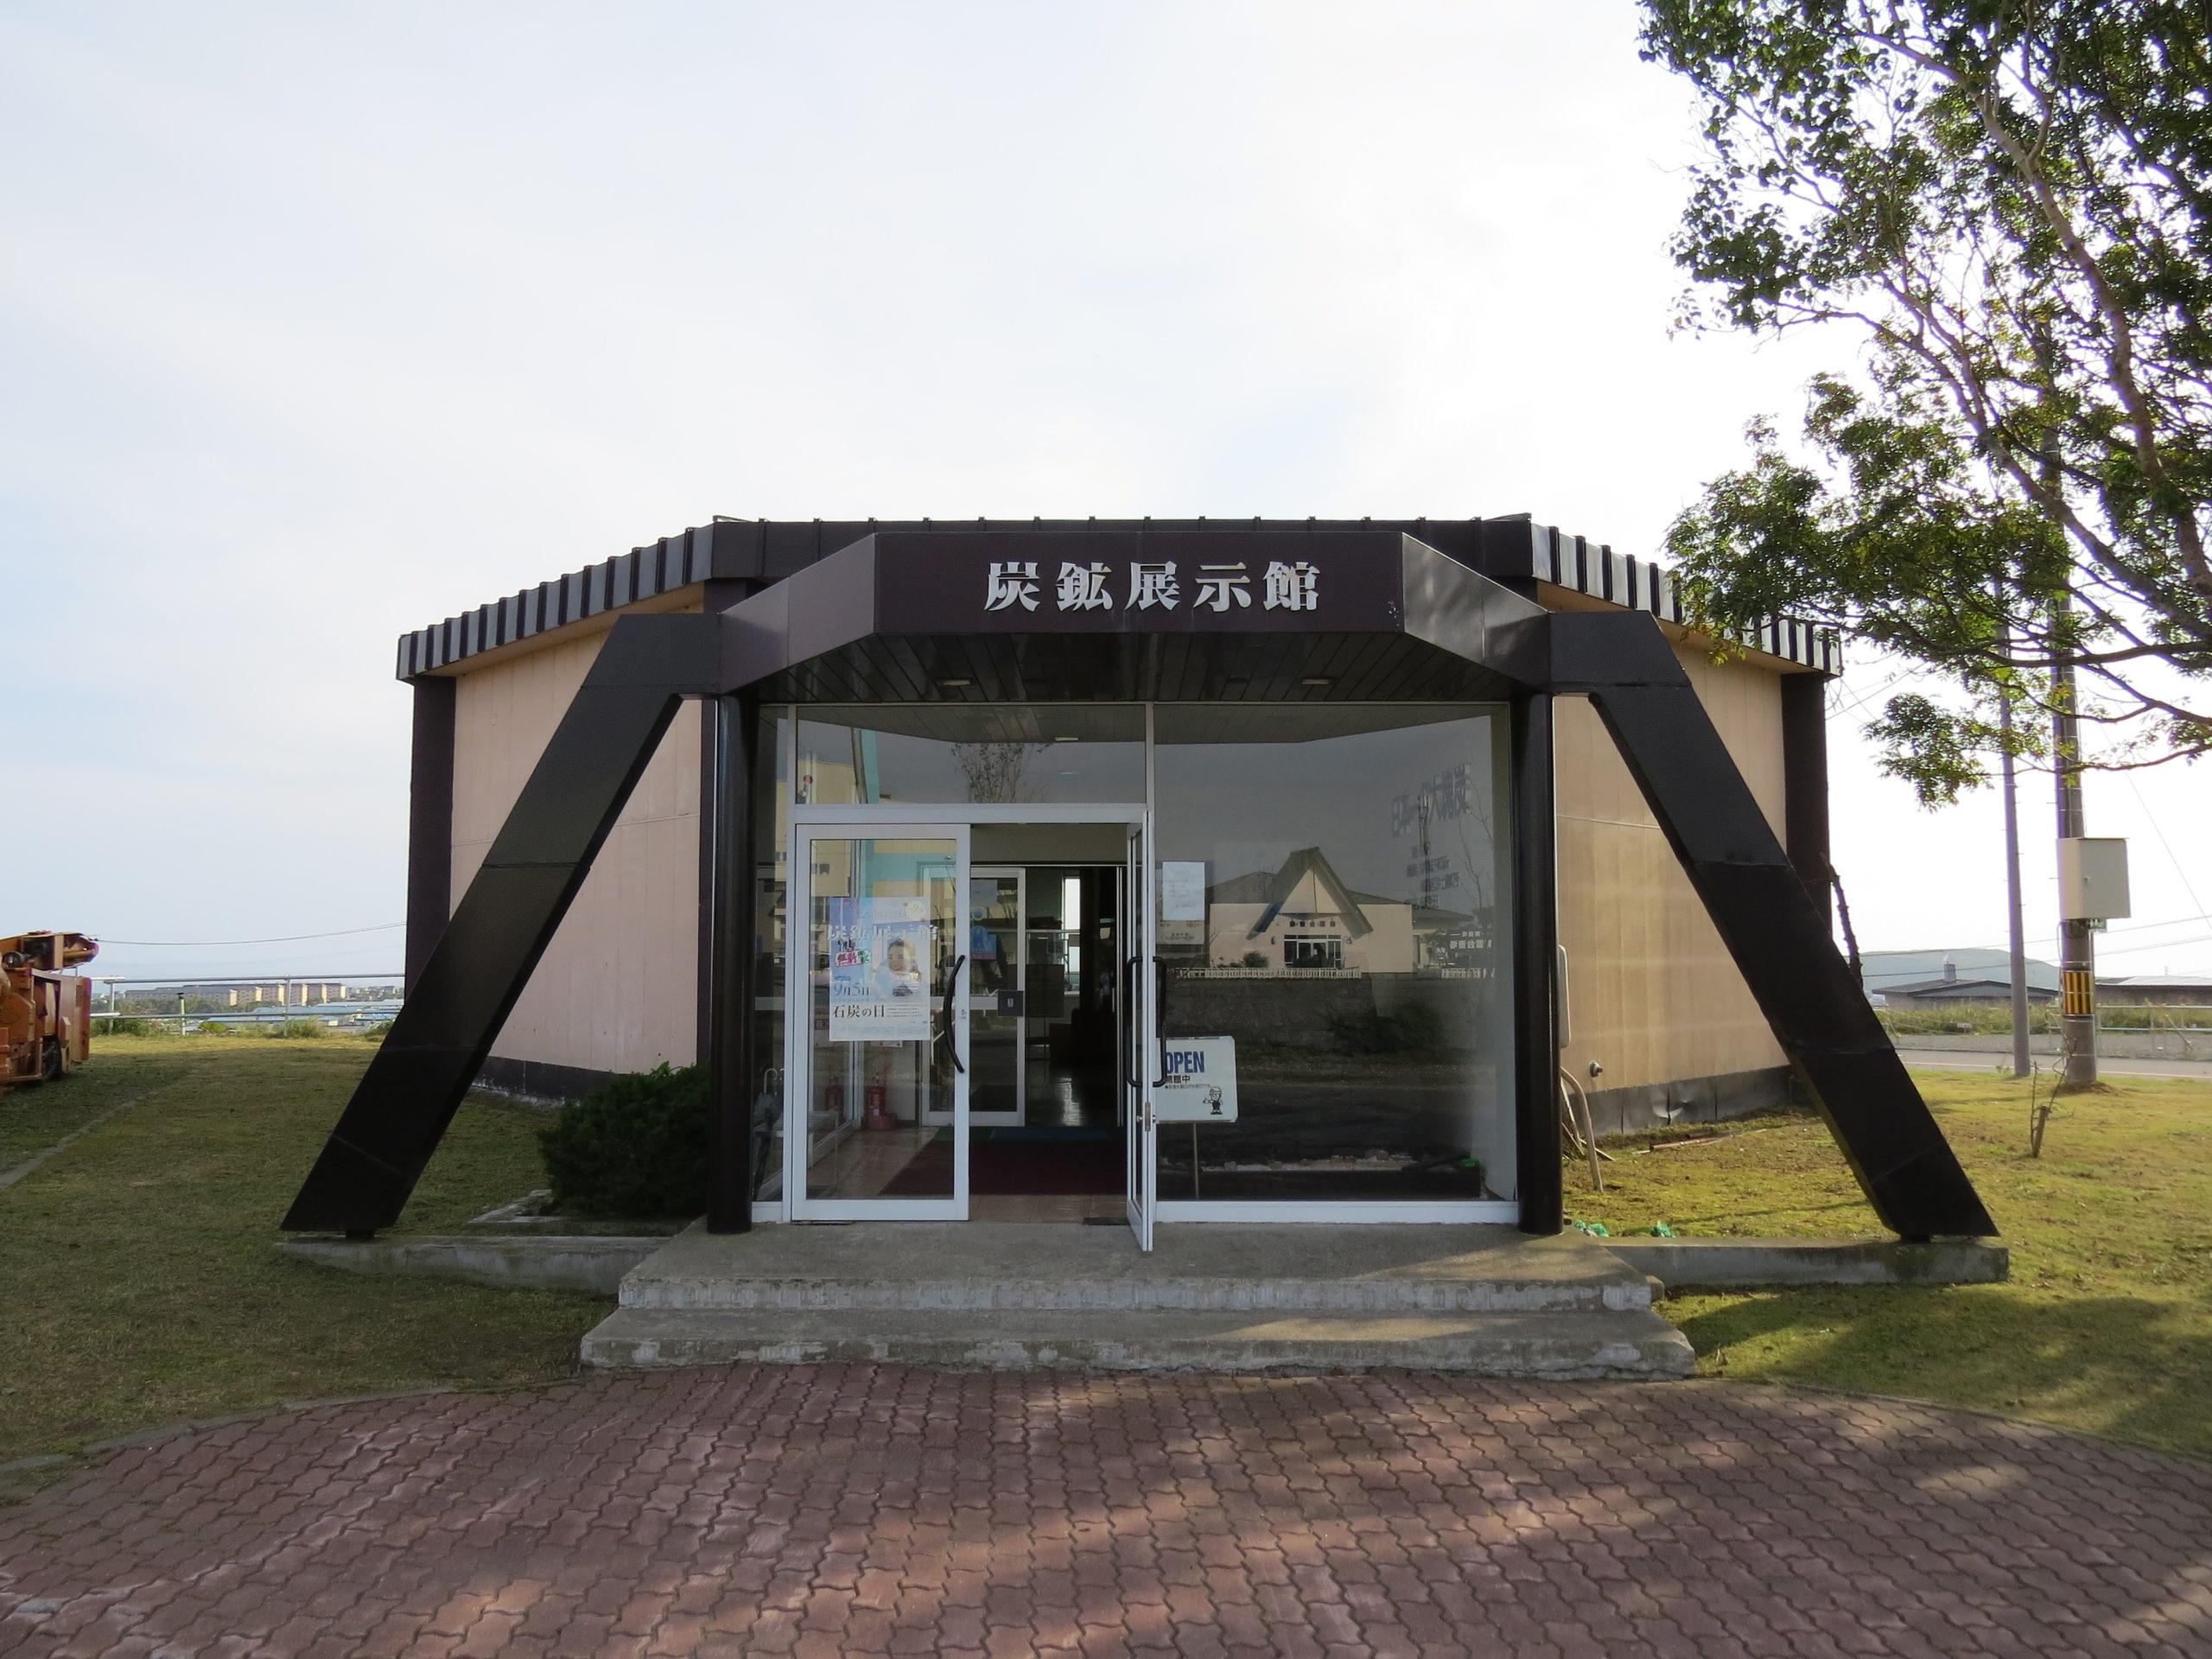 旧太平洋炭礦炭鉱展示館(北海道釧路市桜ケ岡)